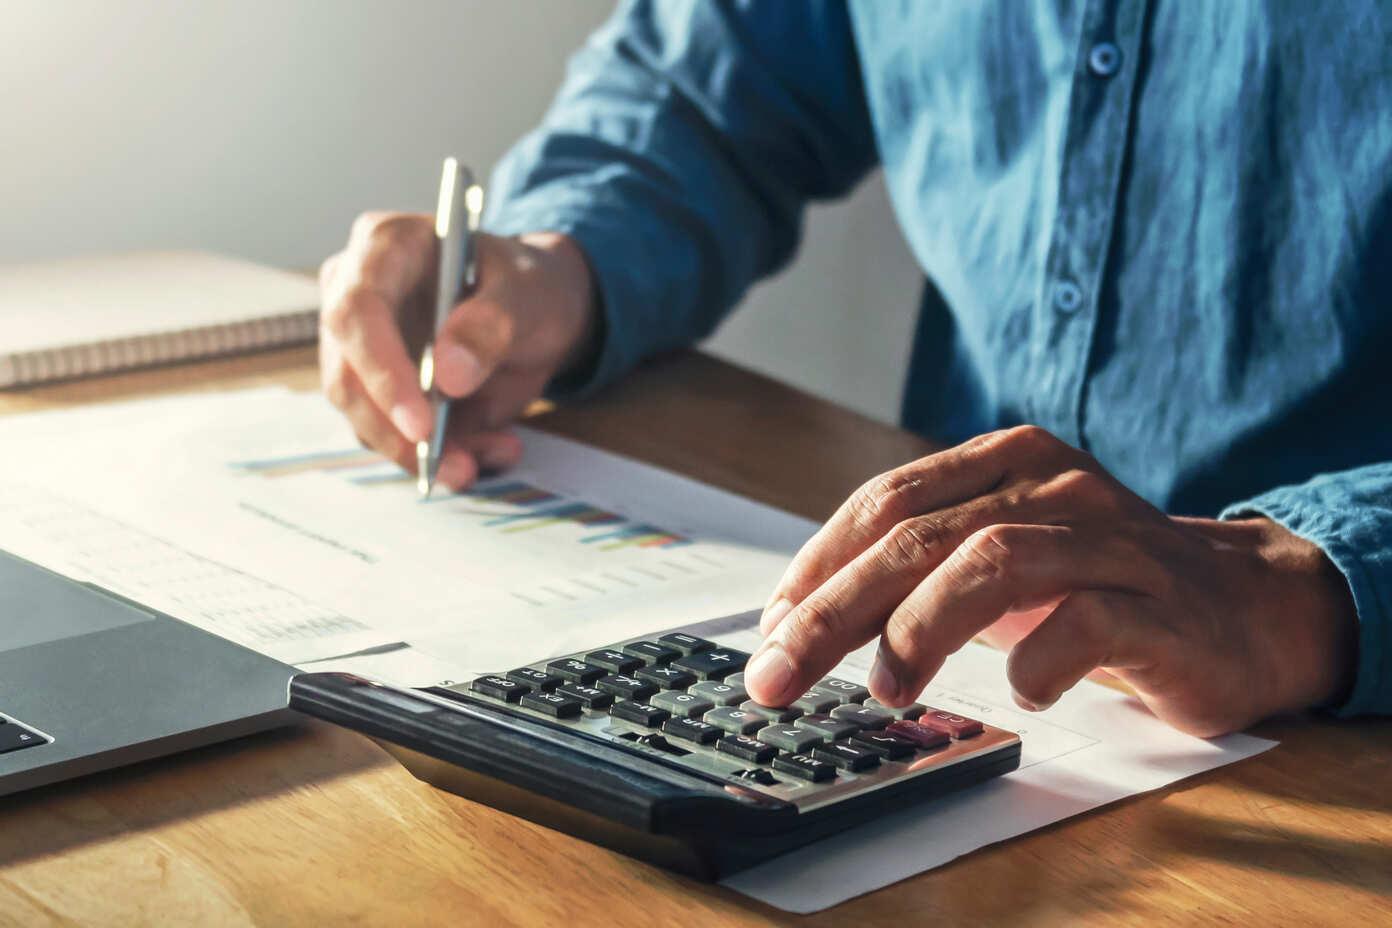 Imagem de um homem fazendo contas em uma calculadora com uma mão e segurando uma caneta na outra